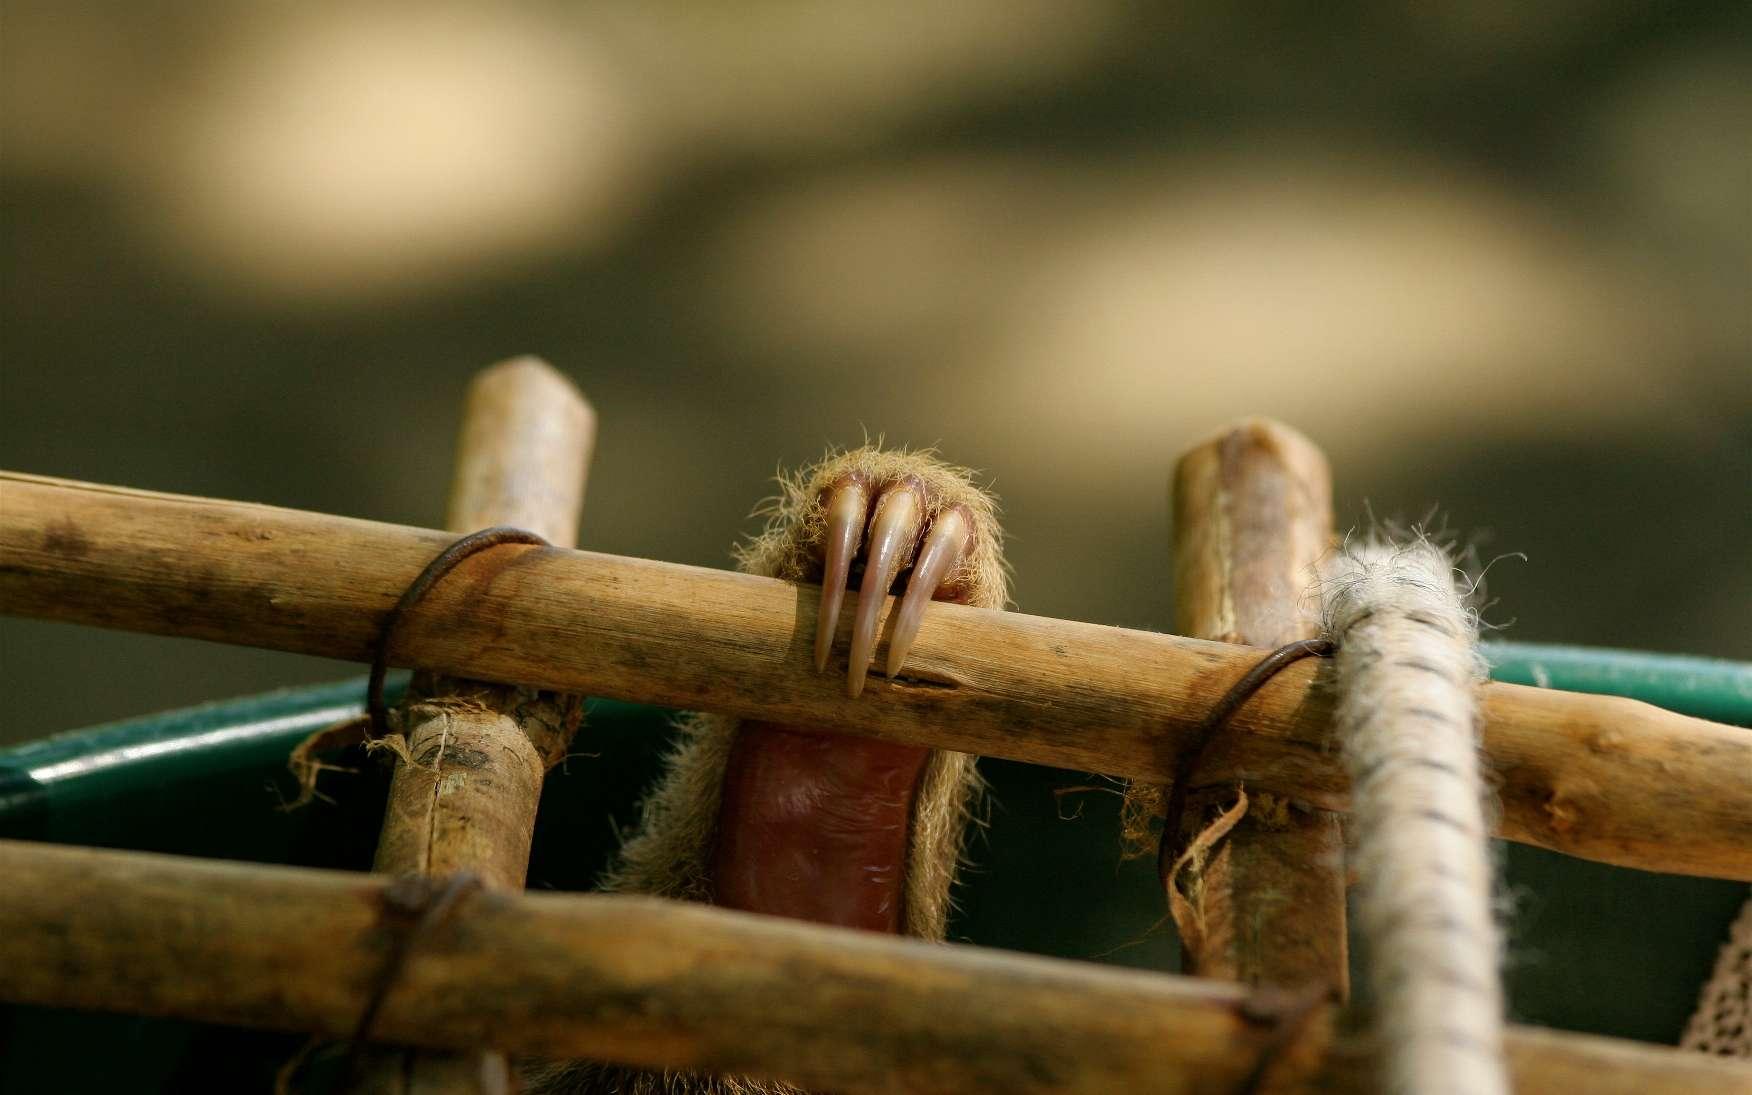 Pourquoi appeler paresseux à deux doigts un animal qui en a manifestement trois ? Parce que seuls les membres antérieurs en possèdent deux. Les pattes arrière, comme celle que l'on voit à l'image, disposent toujours de trois doigts. © Alumroot, Flickr, cc by nc 2.0